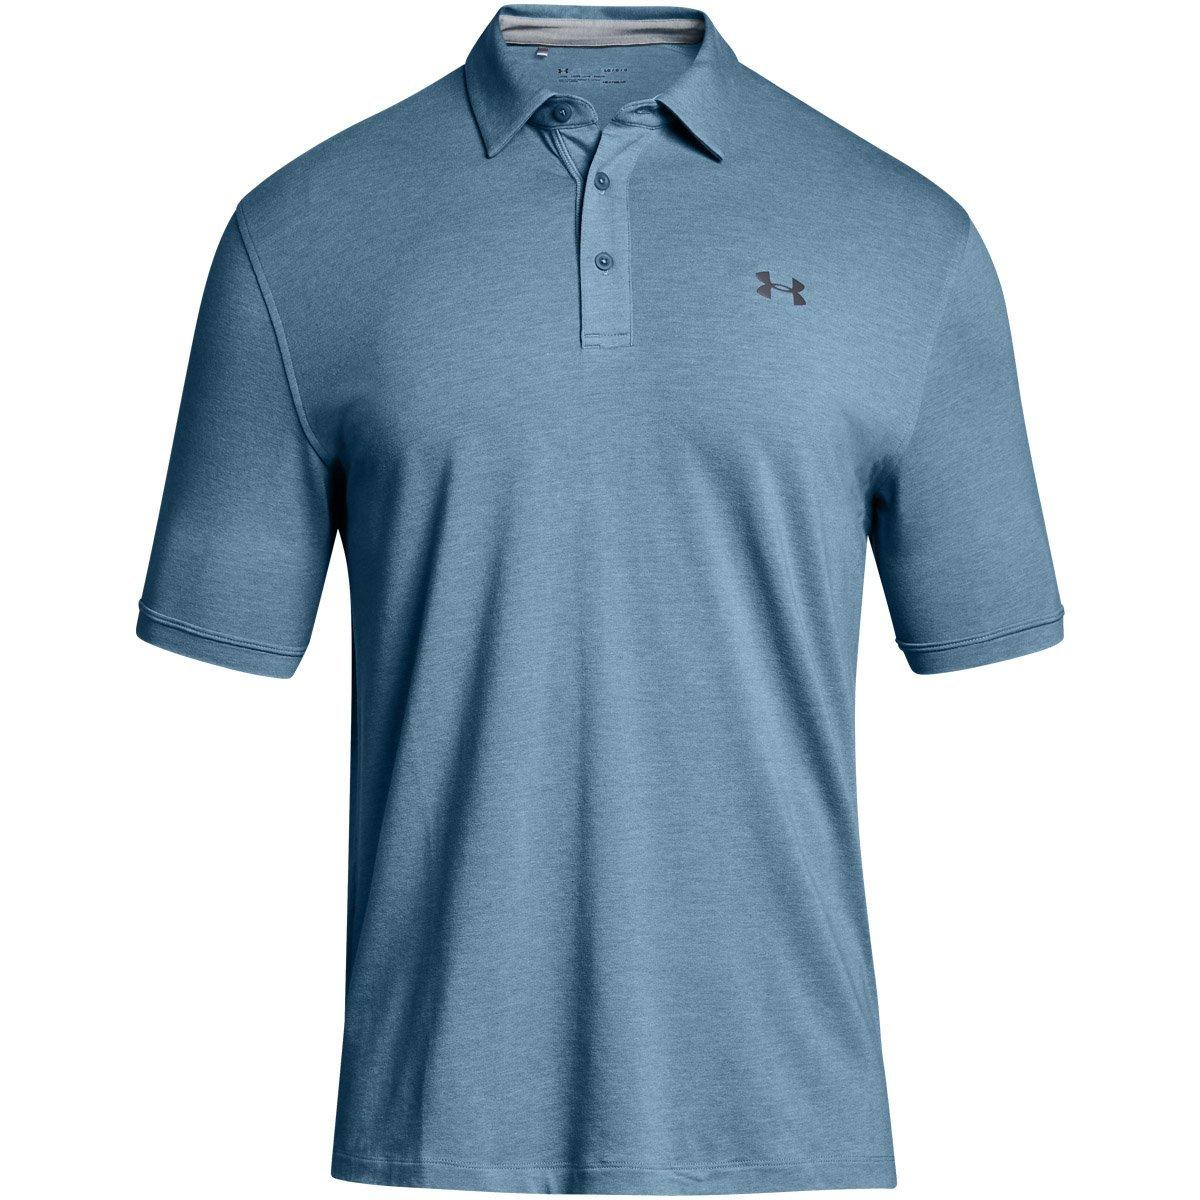 (アンダーアーマー) UNDER ARMOUR チャージドコットンスクランブルロゴ(ゴルフ/ポロシャツ/MEN)[1281003] B071LHJWQV  Bass Blue/Rhino Gray XL